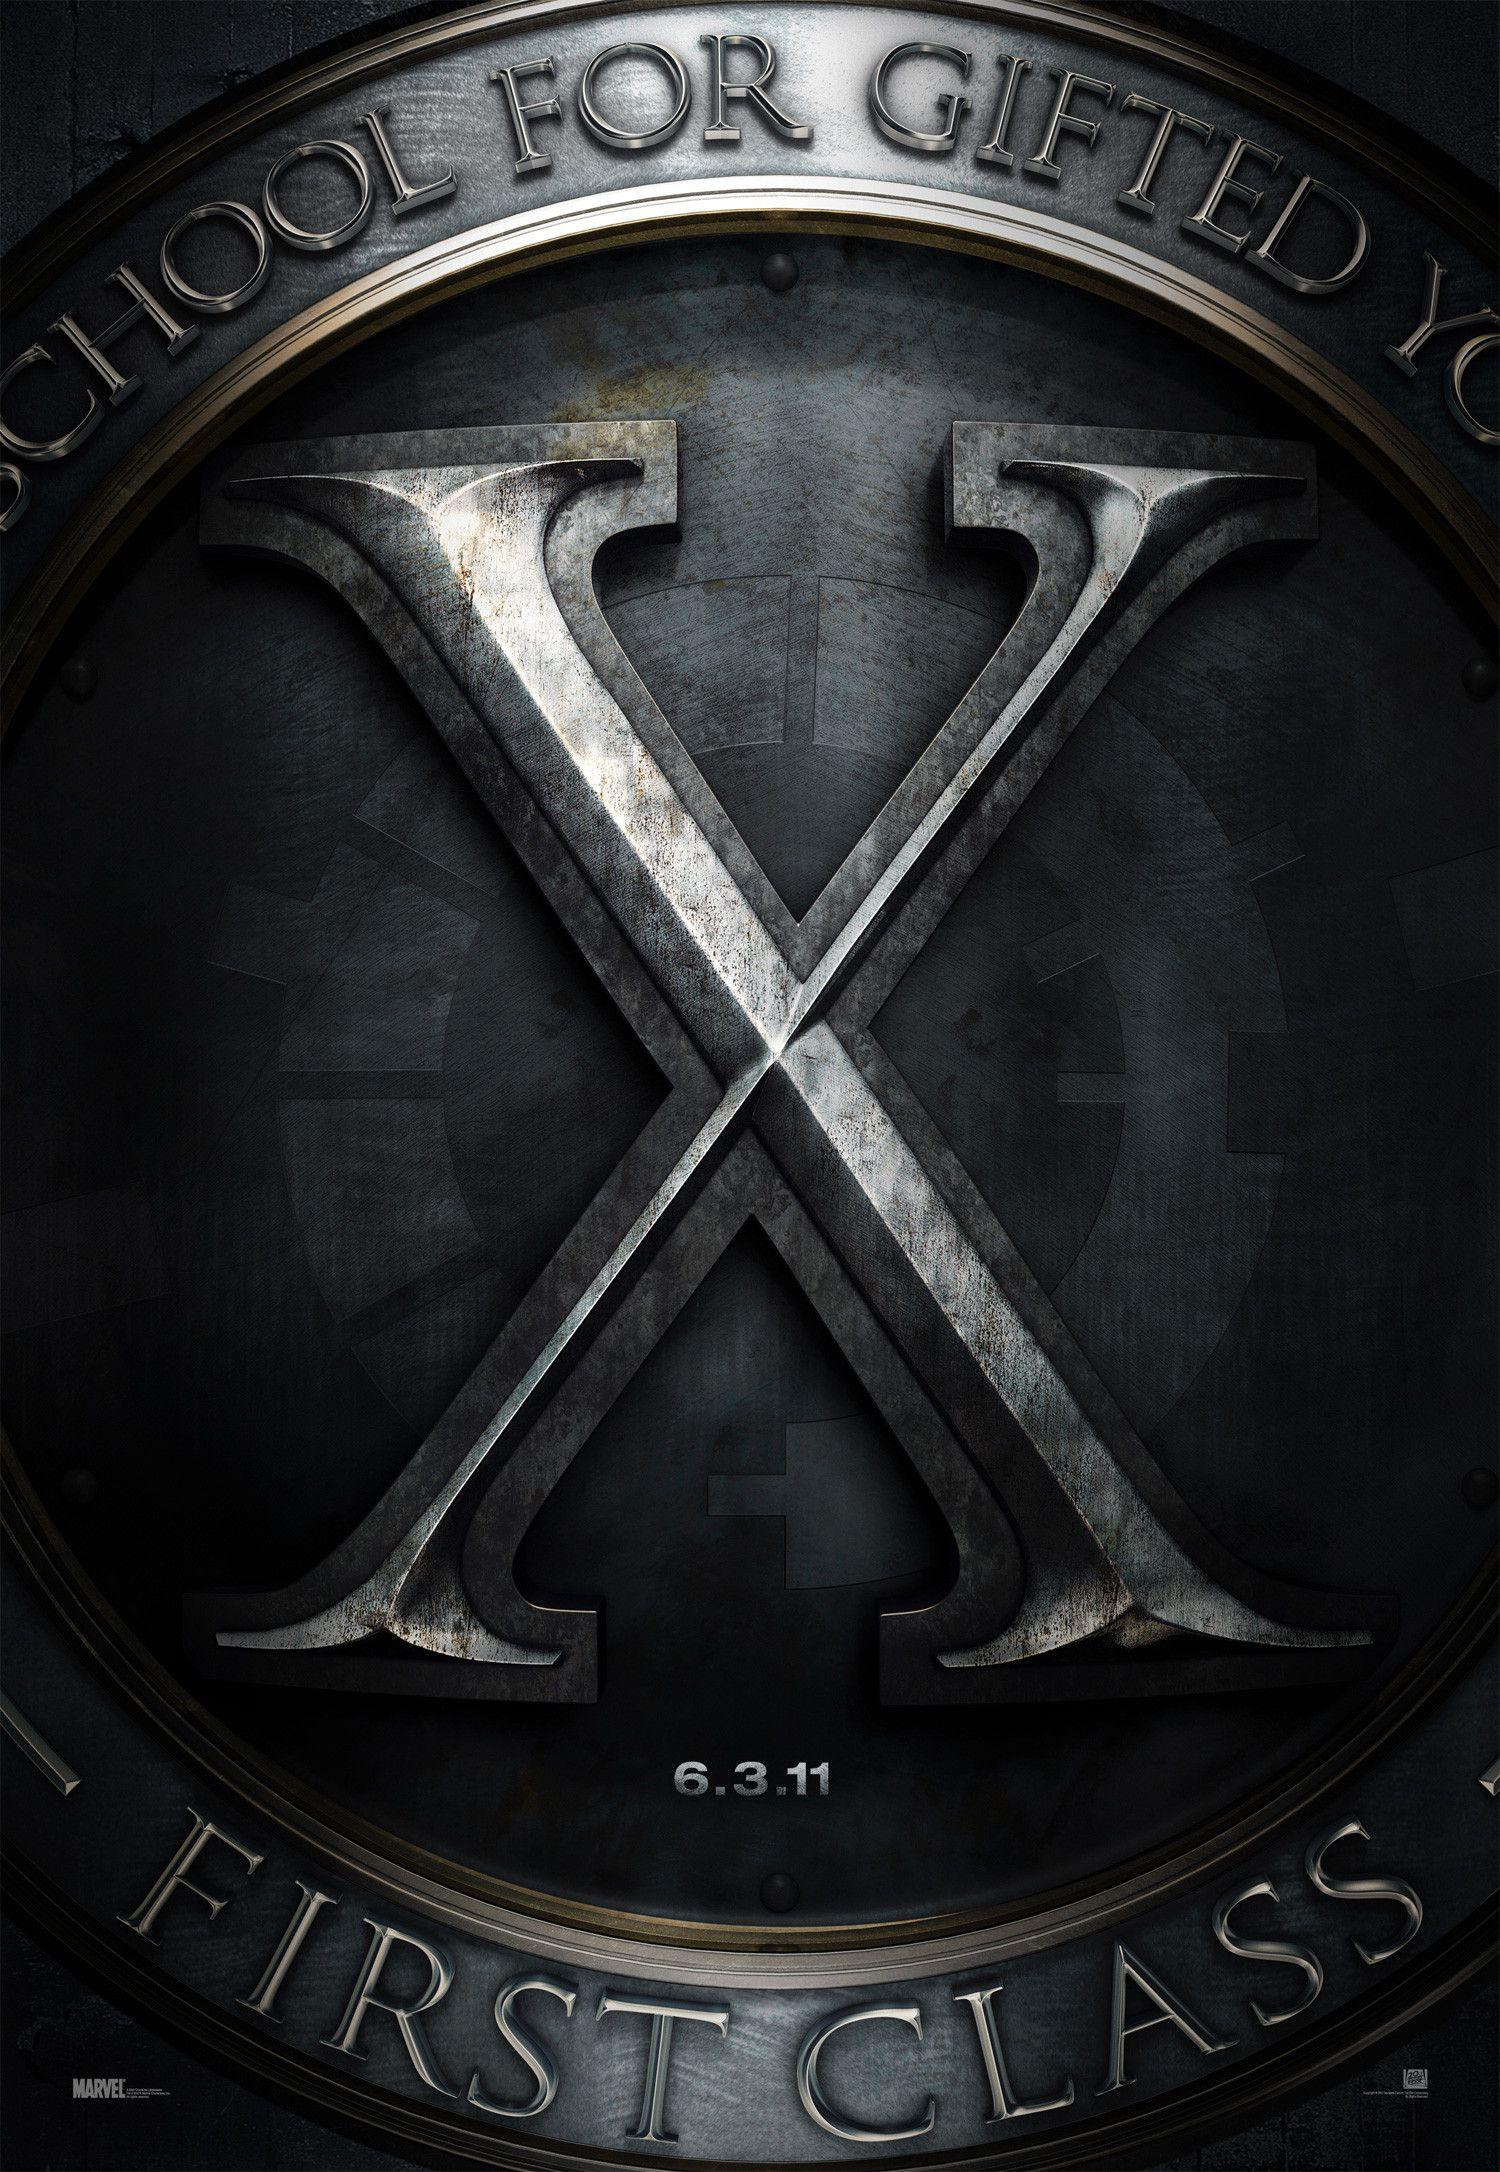 Affiche Poster x-men first class commencement disney marvel fox